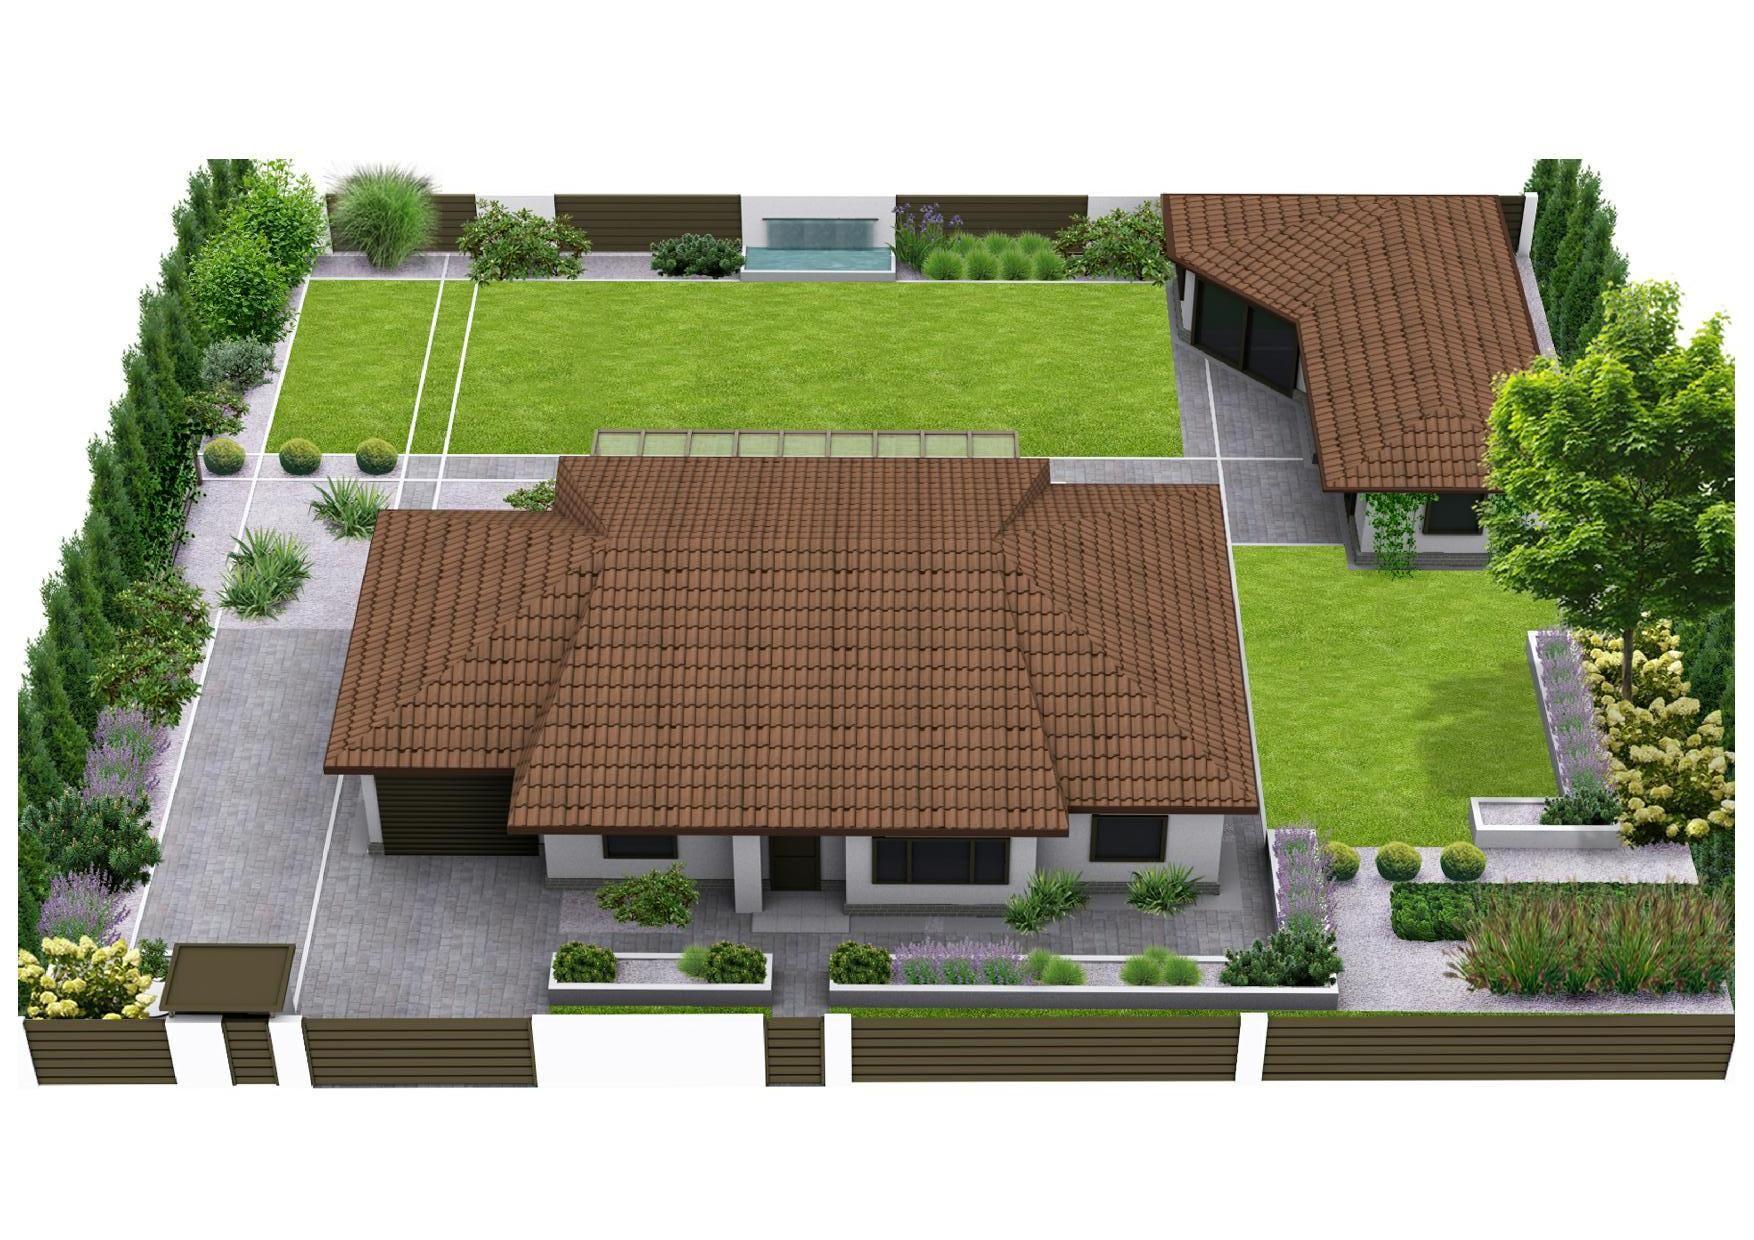 расположение дома и построек на участке фото лбу